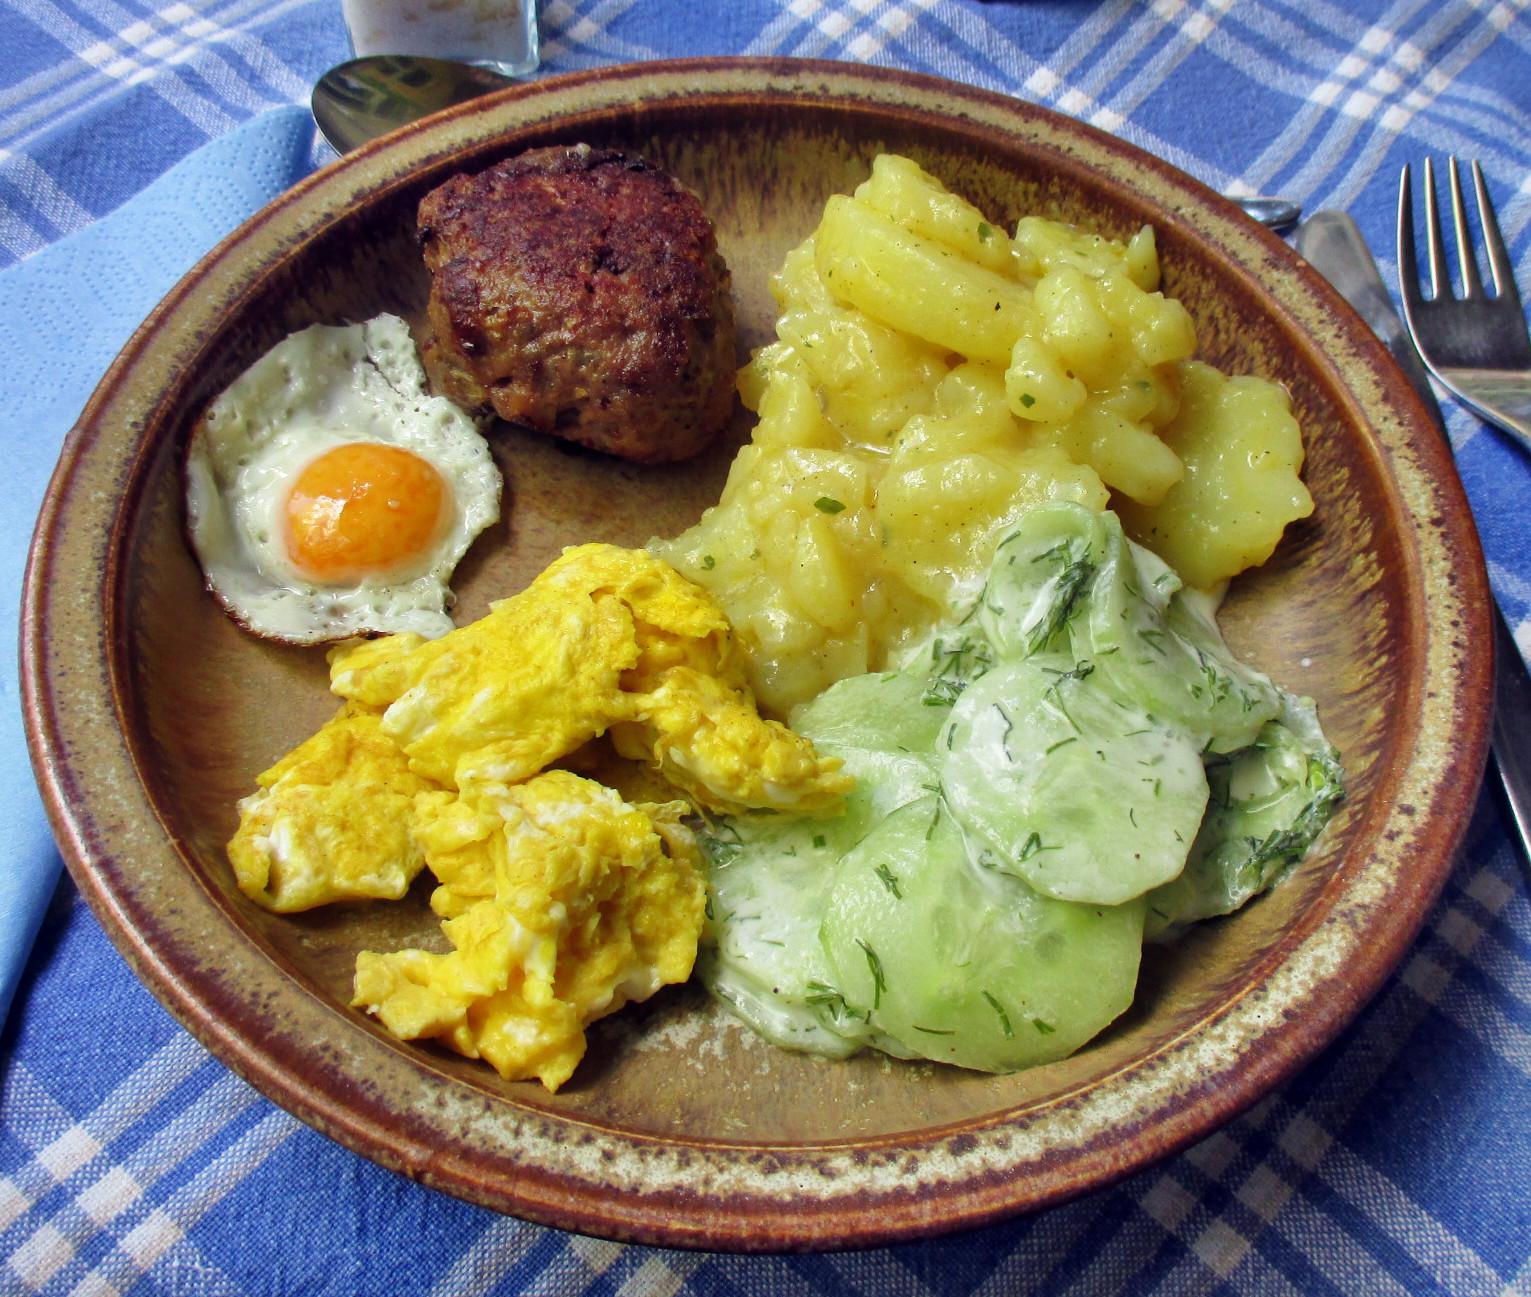 Kartoffelsalat,Ei,Gurkensalat - 25.7.15   (16)